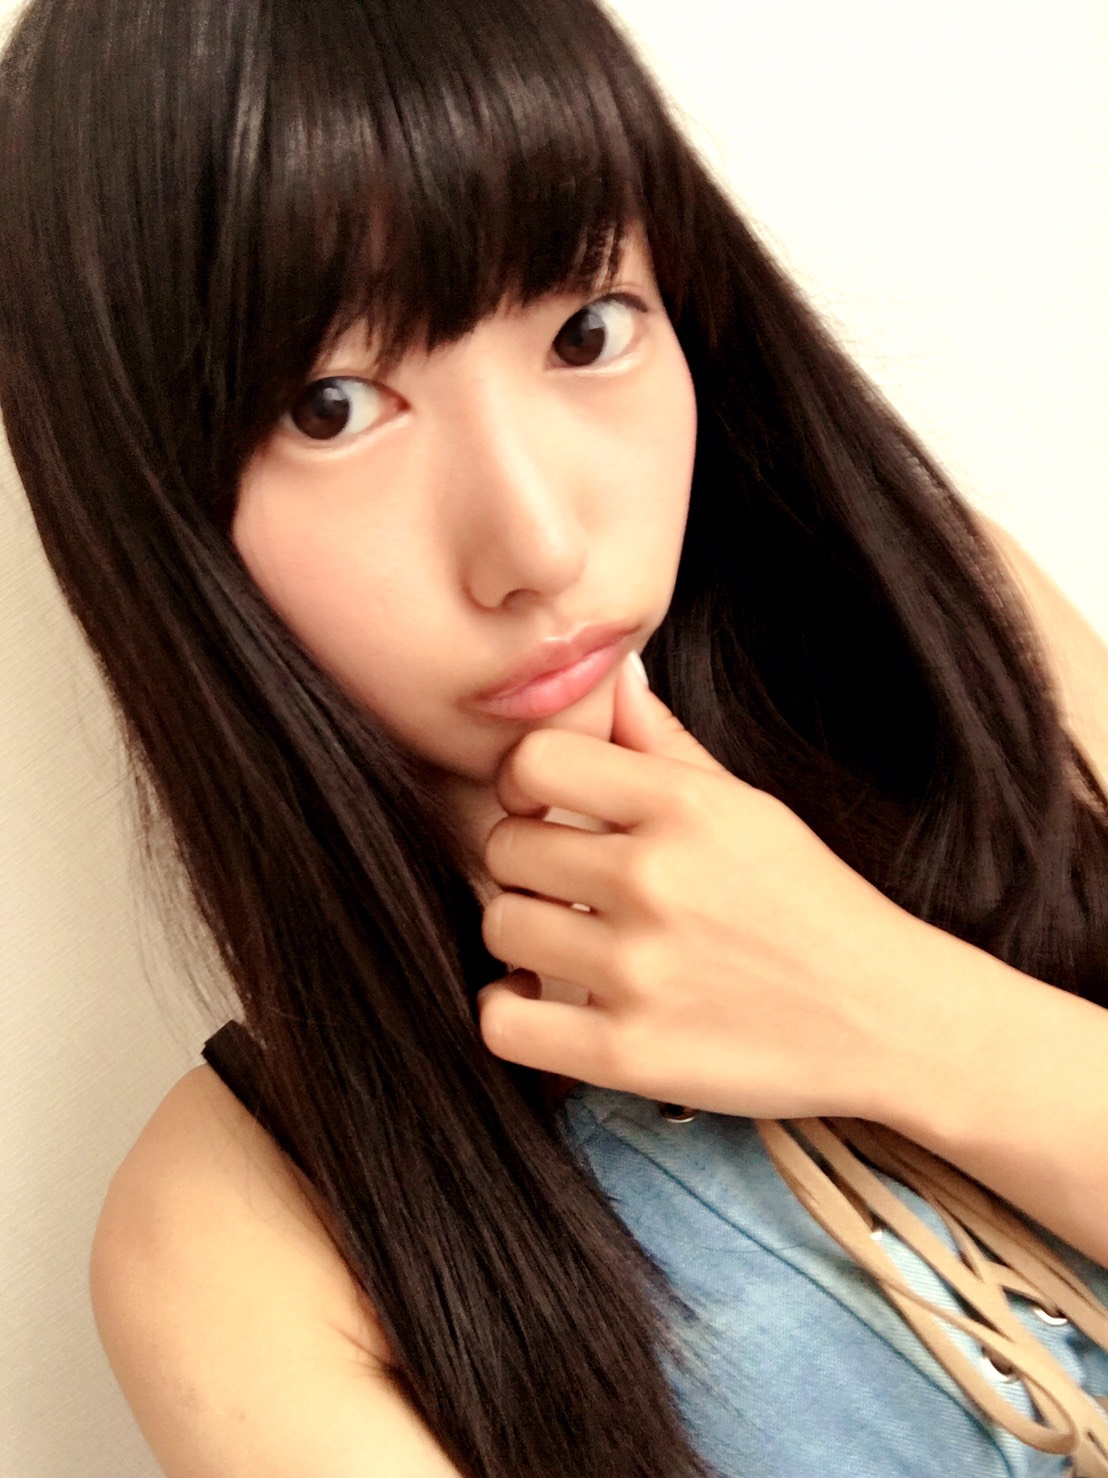 夏野香波 10月28日(土)『渋谷原宿女子会議』#6